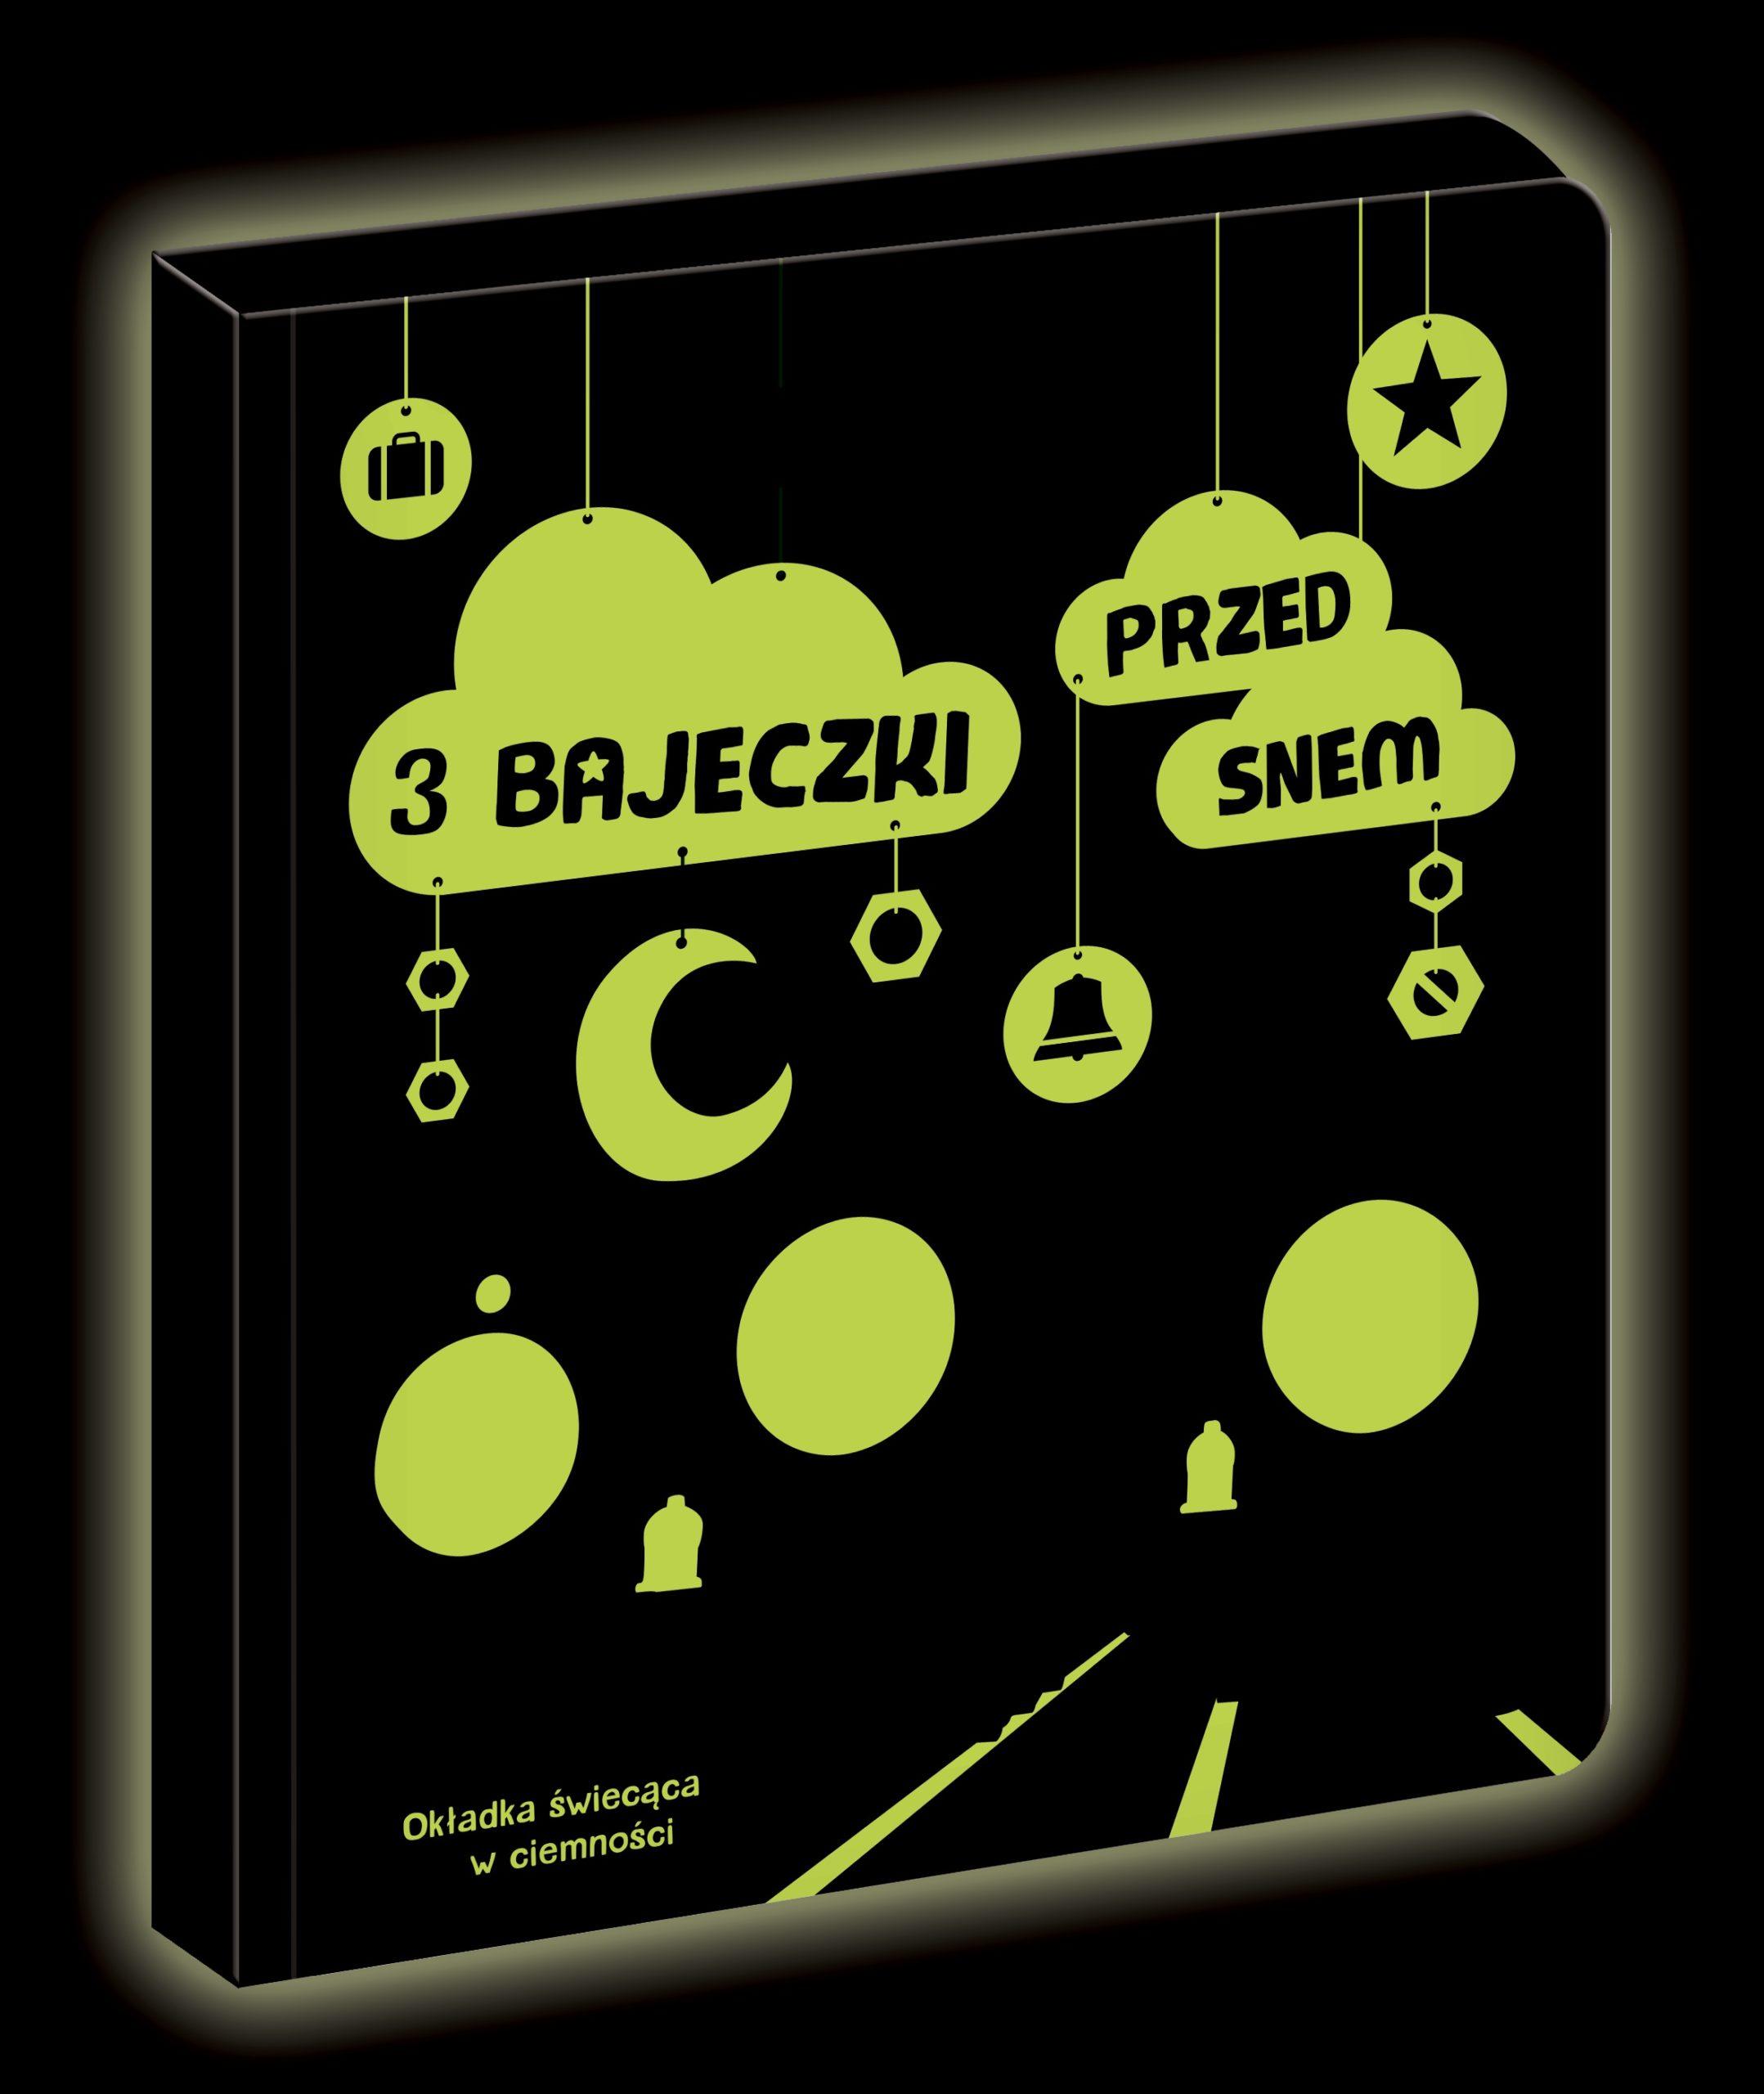 3 bajeczki przed snem - książeczki dla maluszka